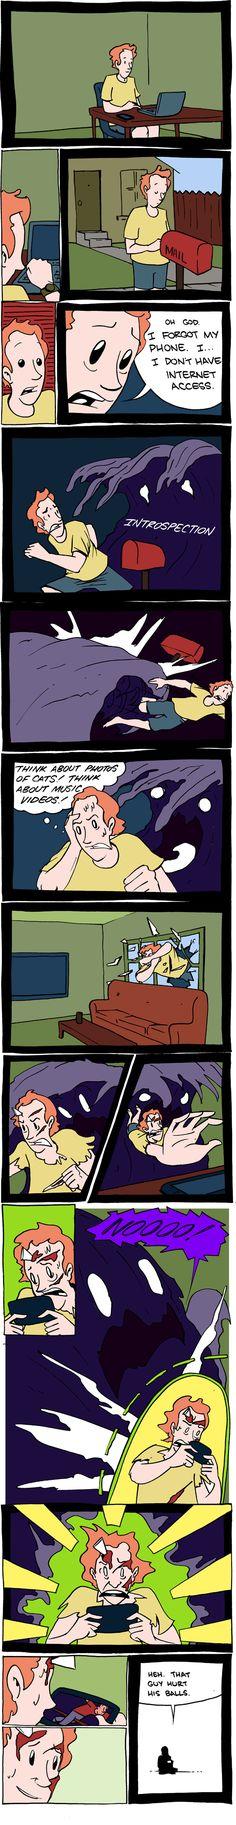 """Beware the Silent Predator. """"Saturday Morning Breakfast Cereal, by Zach Weiner. #2225"""""""